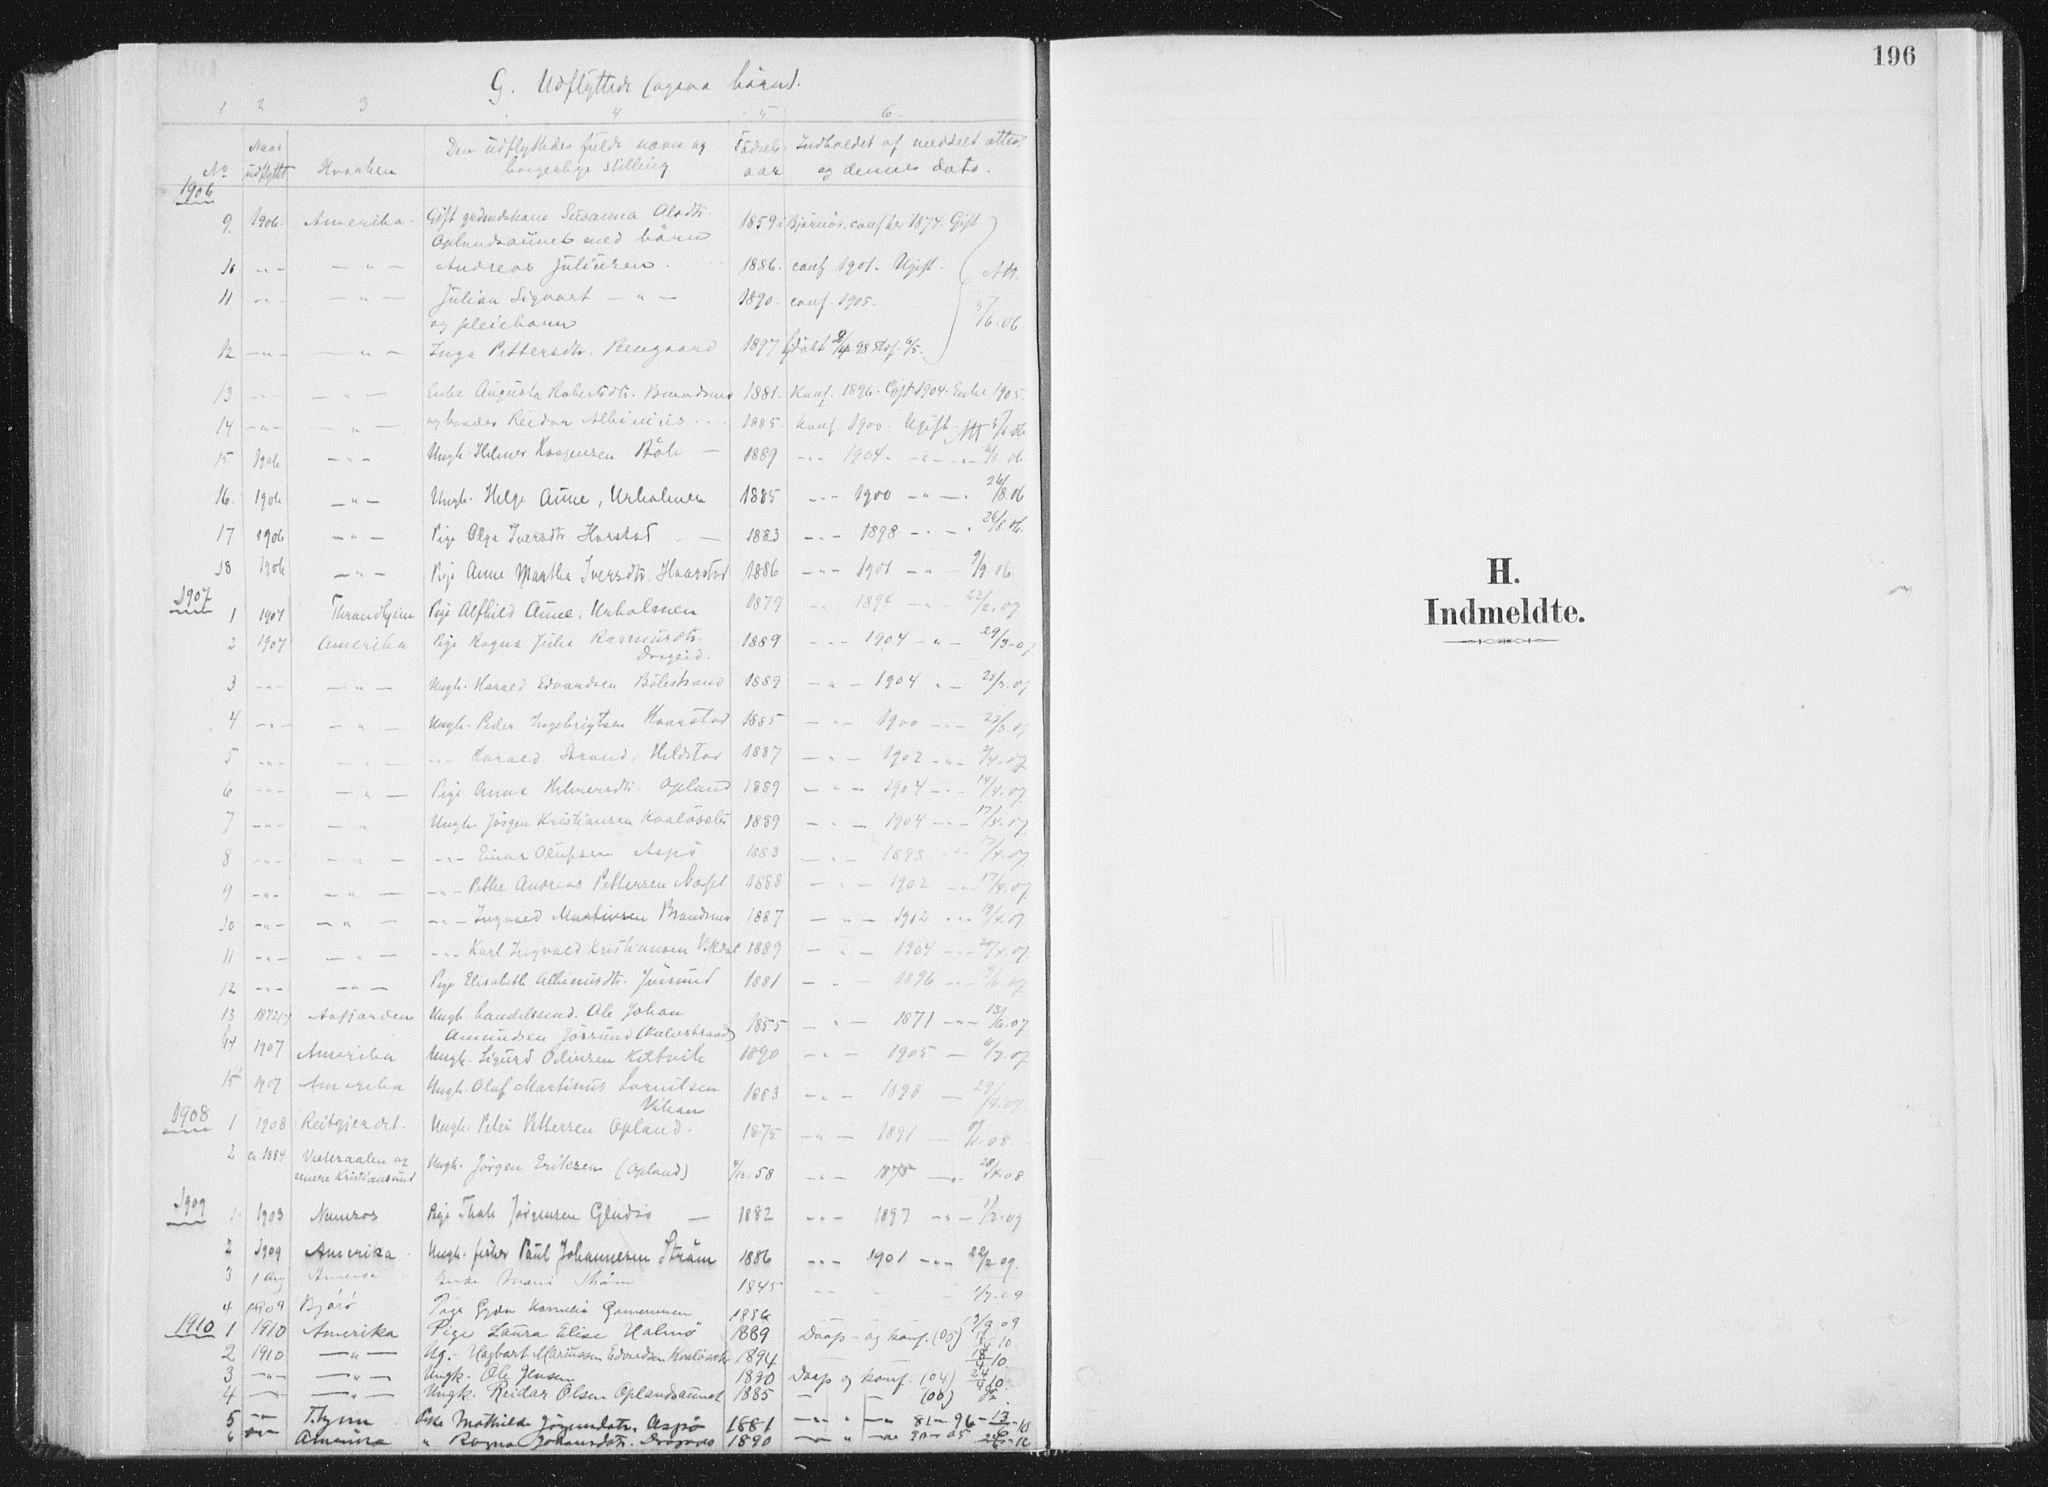 SAT, Ministerialprotokoller, klokkerbøker og fødselsregistre - Nord-Trøndelag, 771/L0597: Ministerialbok nr. 771A04, 1885-1910, s. 196